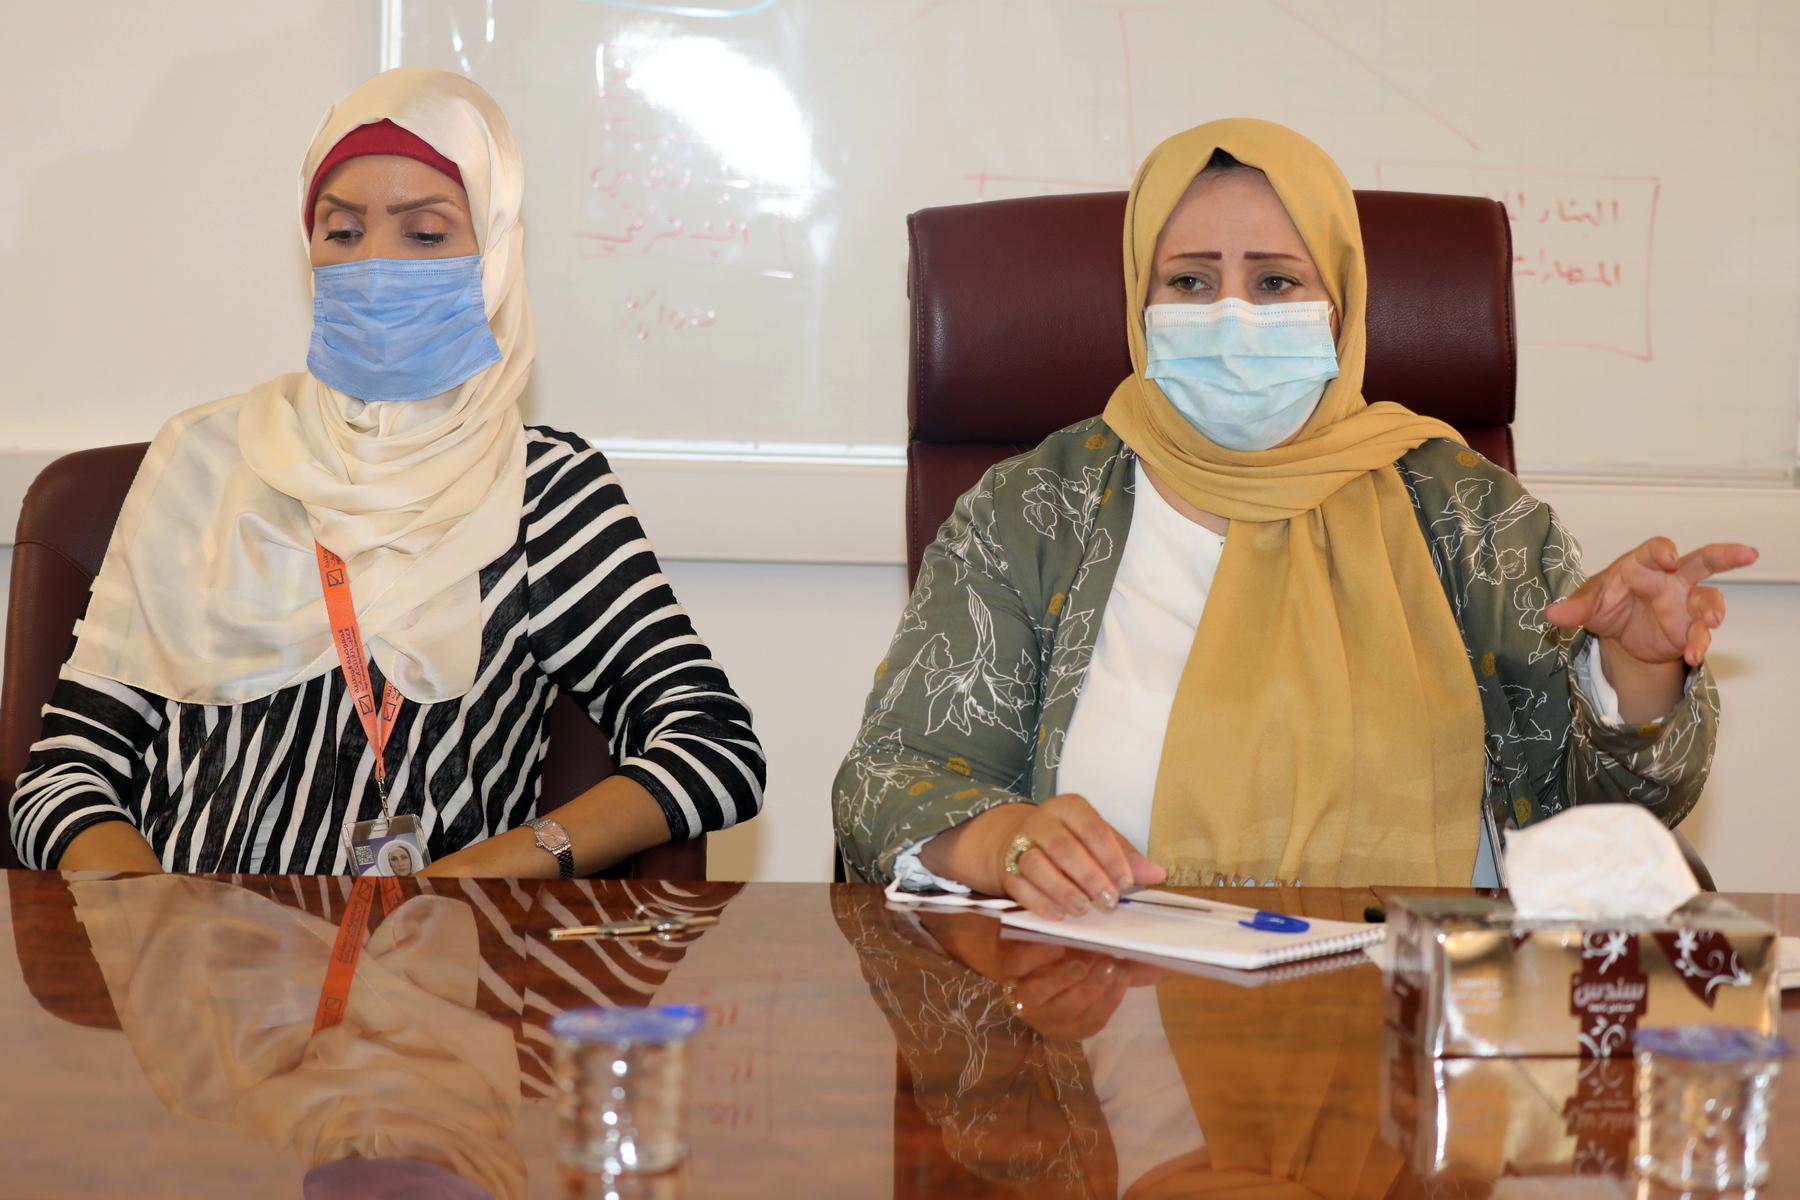 وحدة دعم المرأة تعقد اجتماعها التحضيري مع ممثلين عن المكونات الثقافية